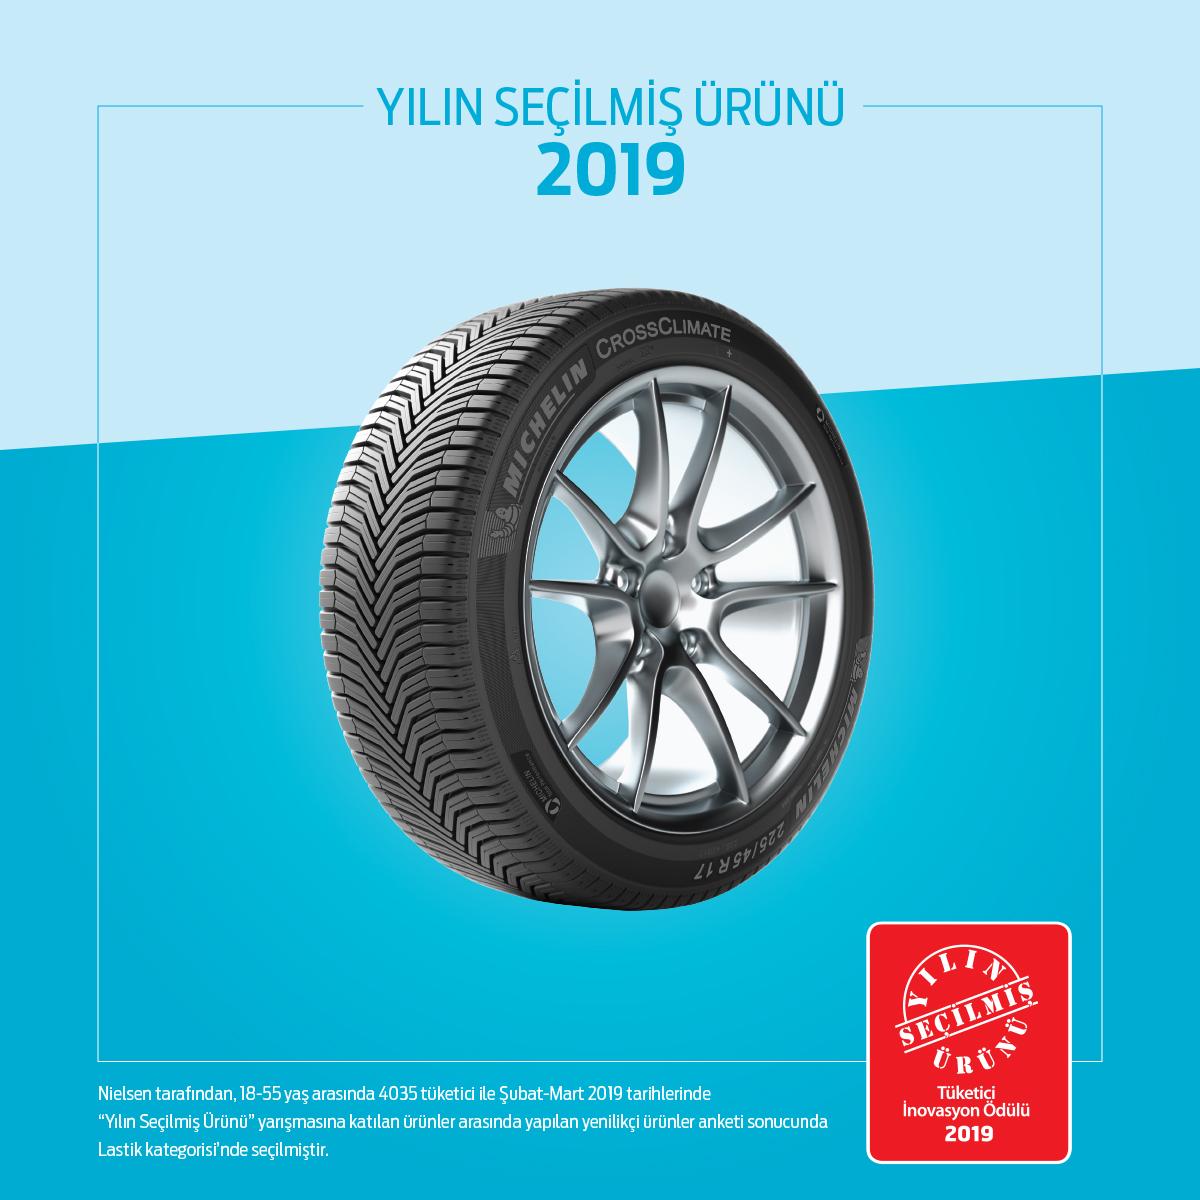 Yılın Seçilmiş Ürünü Michelin